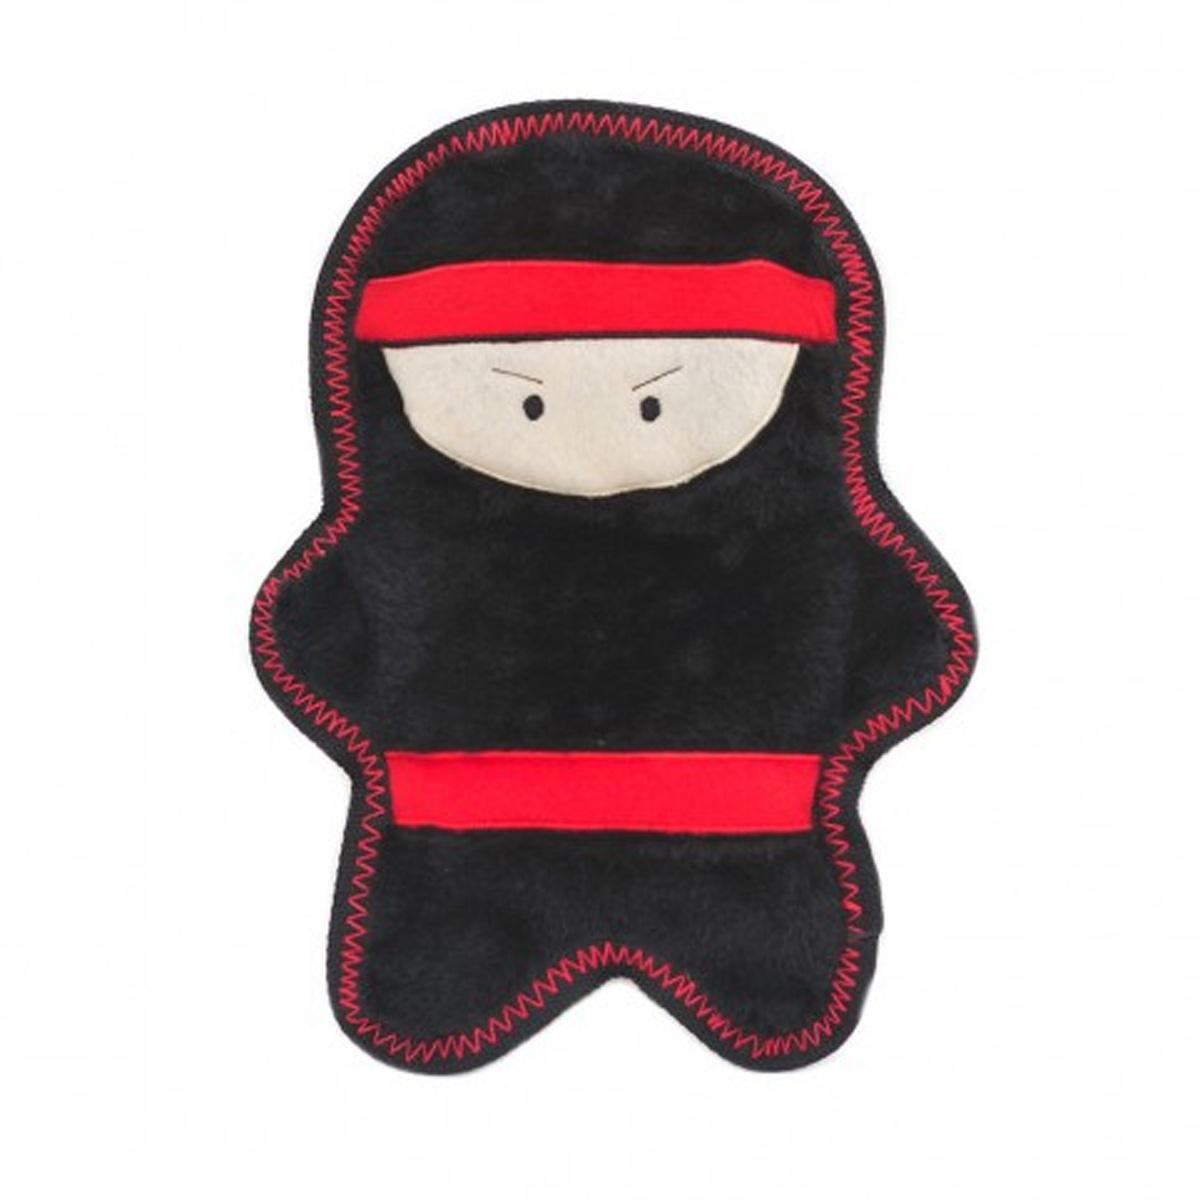 ZippyPaws Warriorz with Z-Stitch Dog Toy - Nobu the Ninja